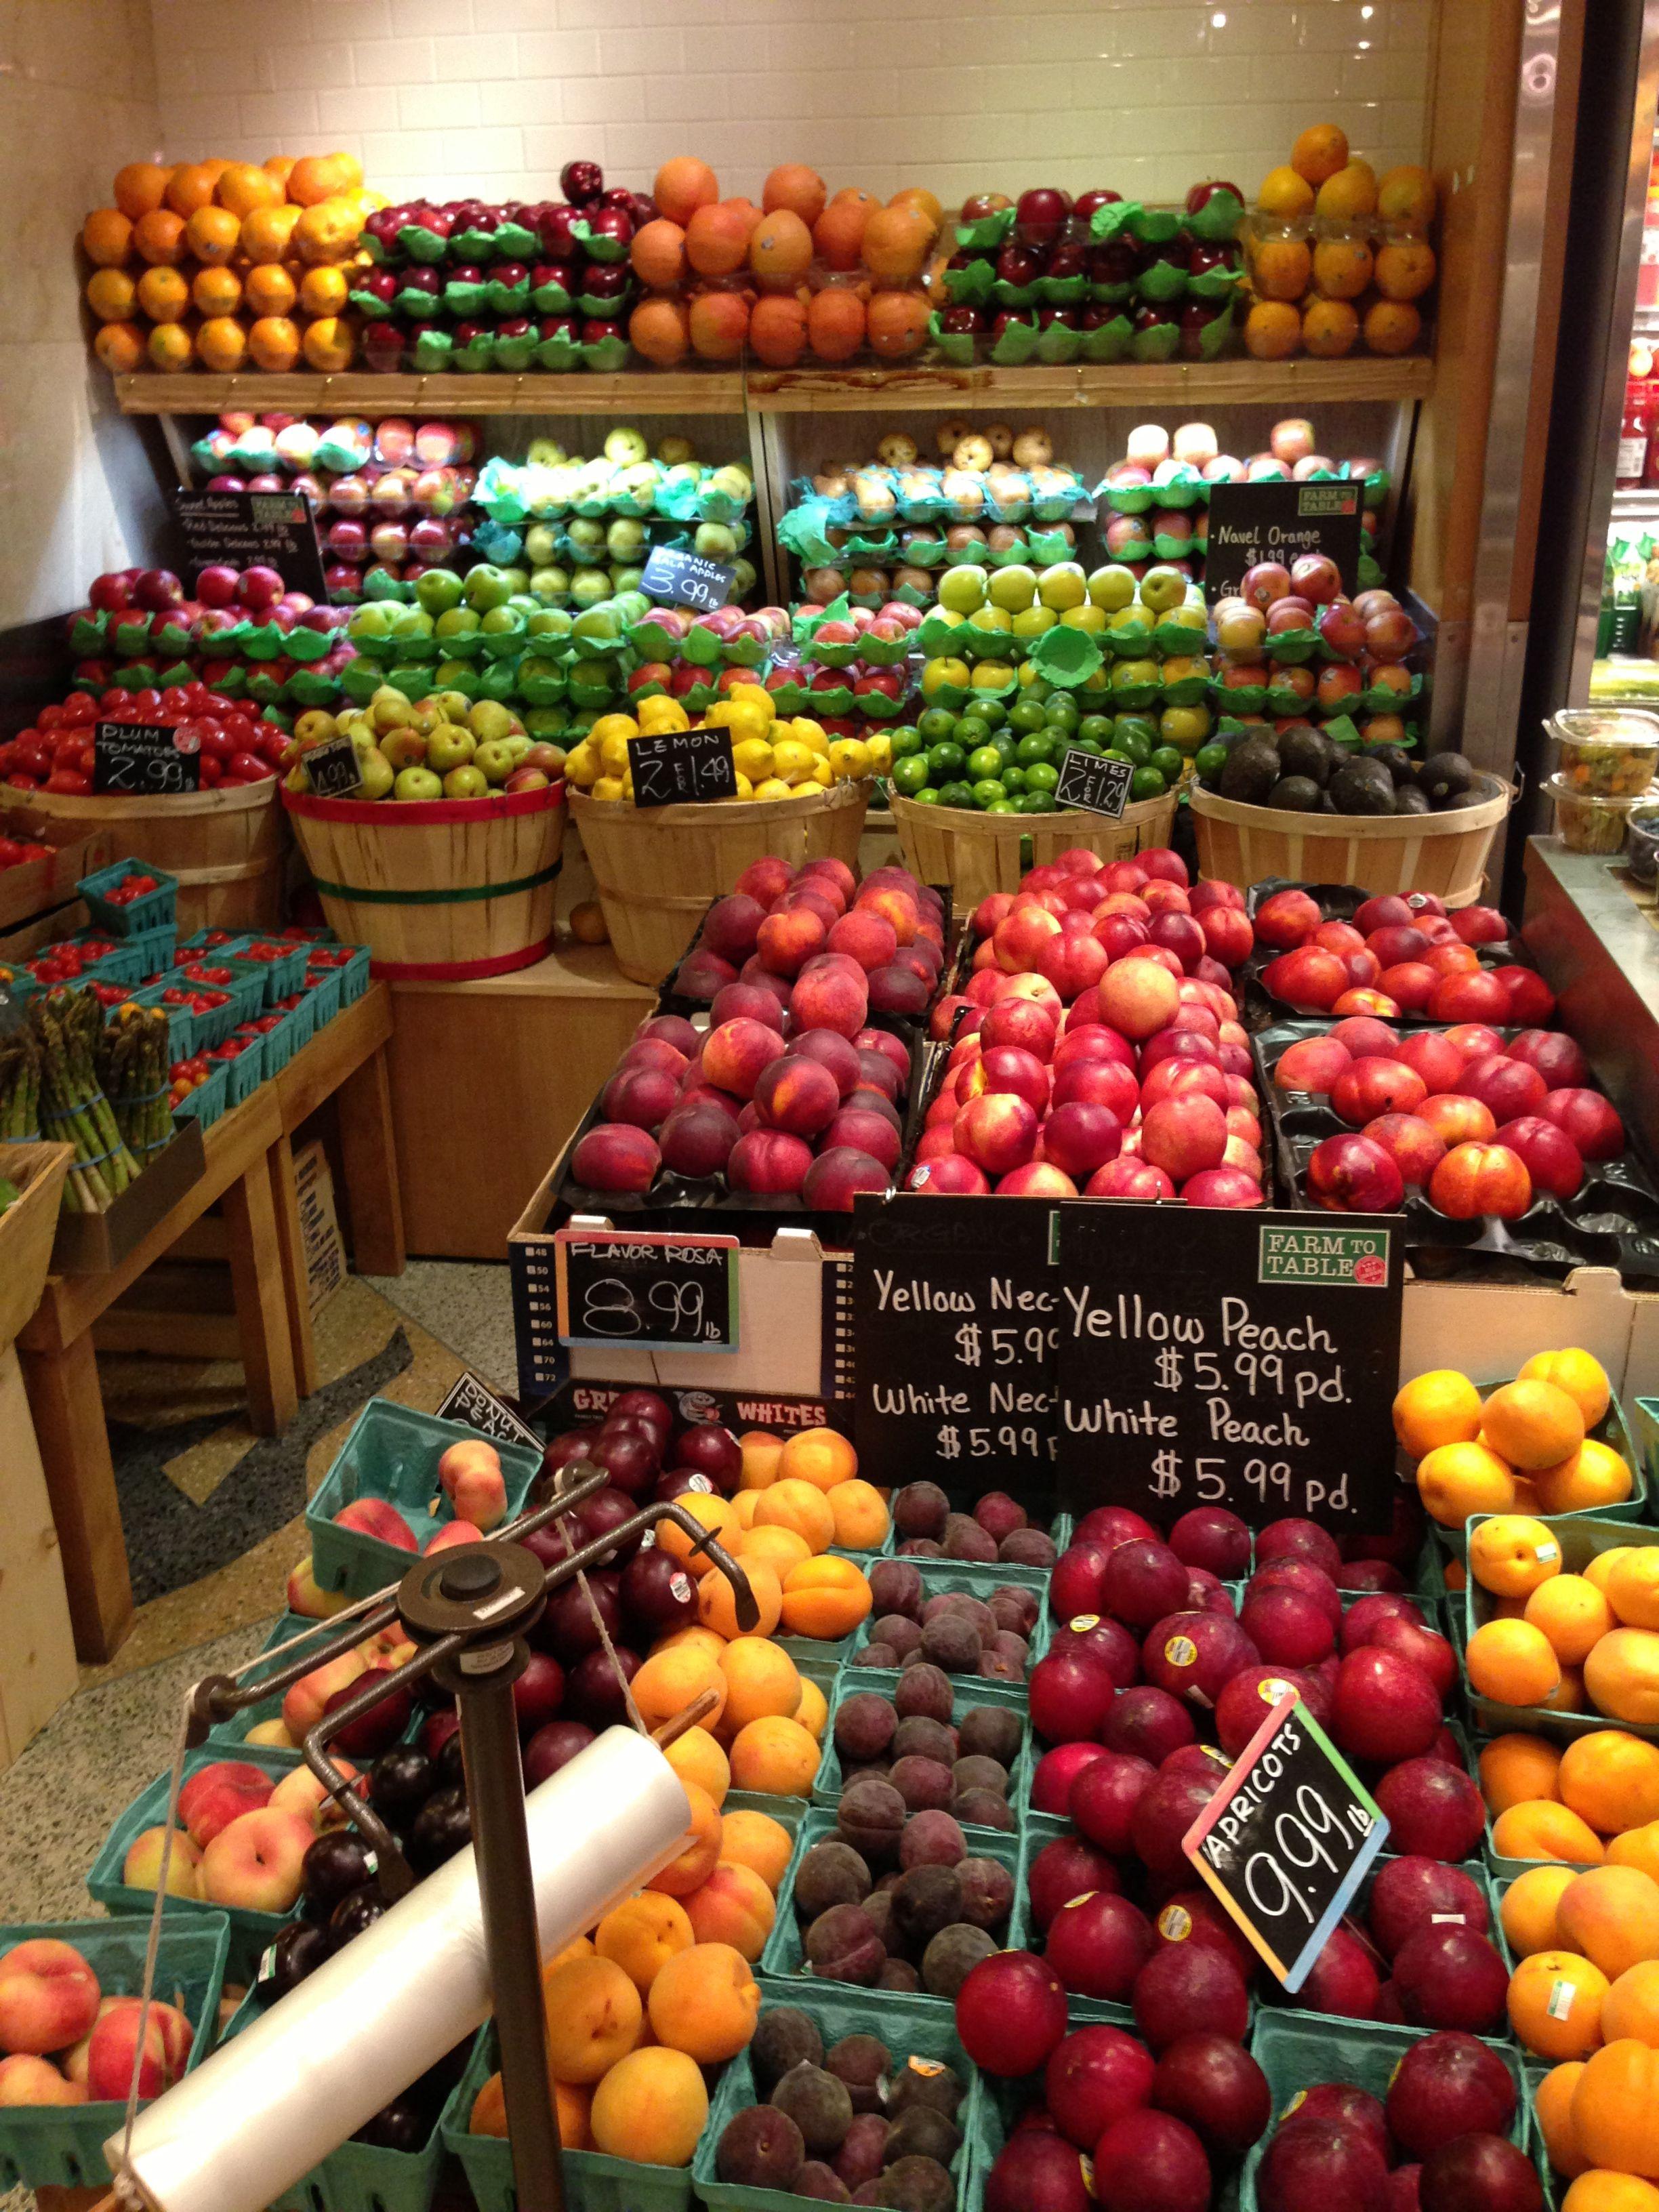 Grand Central Market NY Fruteria y verduleria, Frutas y